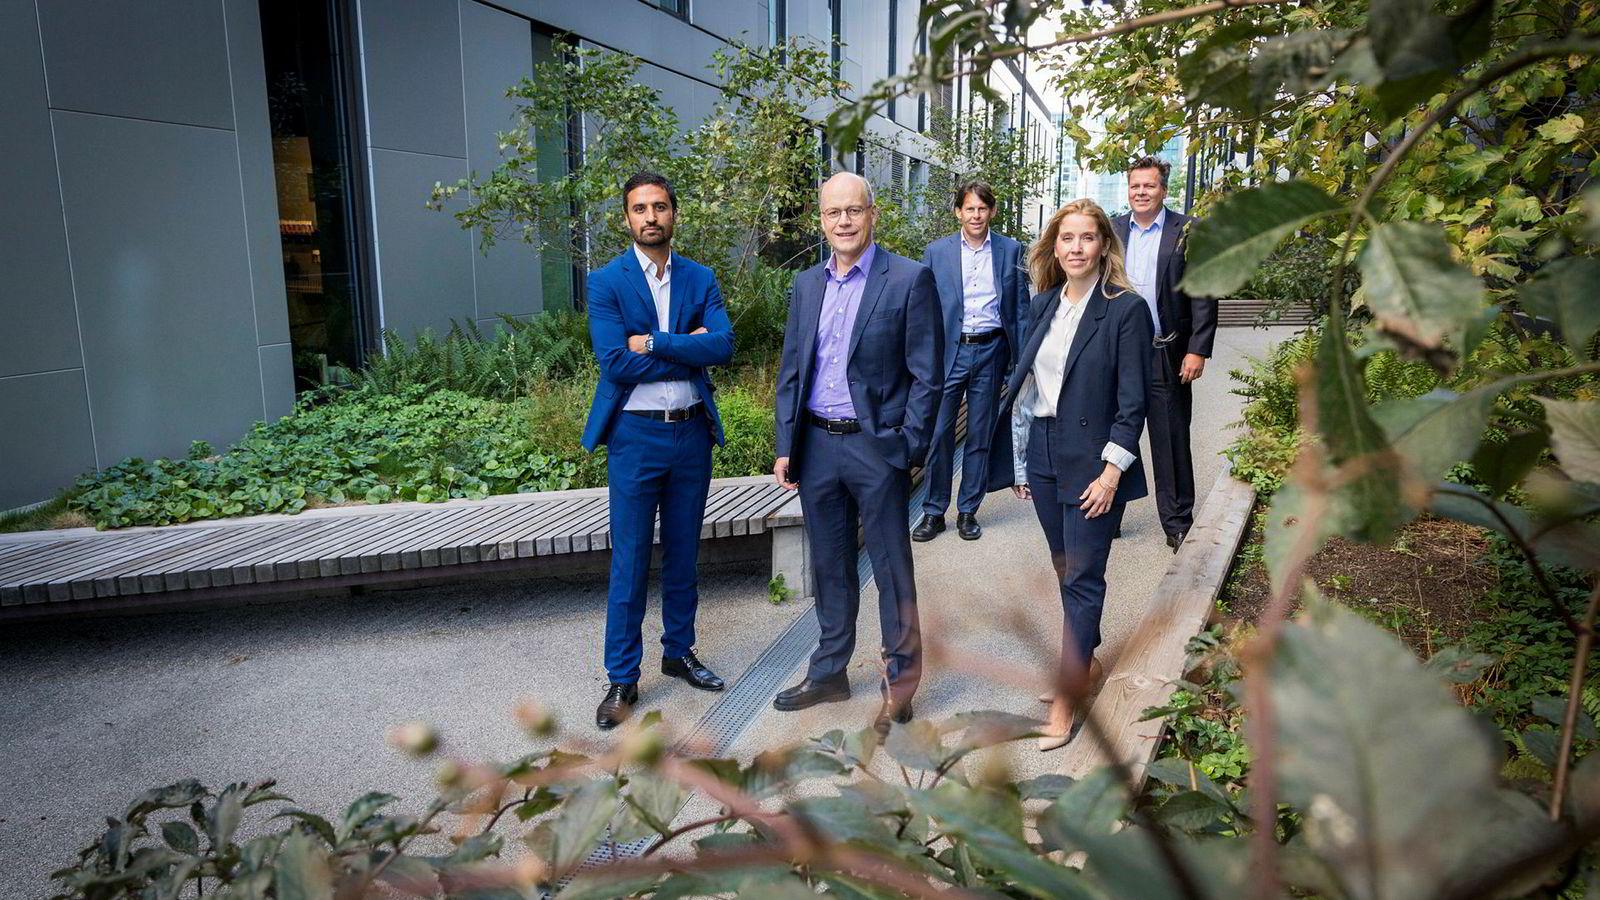 DNB-forvalter Kjartan Farestveit (midten), omgitt av kollegene Shakeb Syed (t.v.), Anette Hjertø, Kevin Dalby og Torje Gundersen i DNB Asset Management.